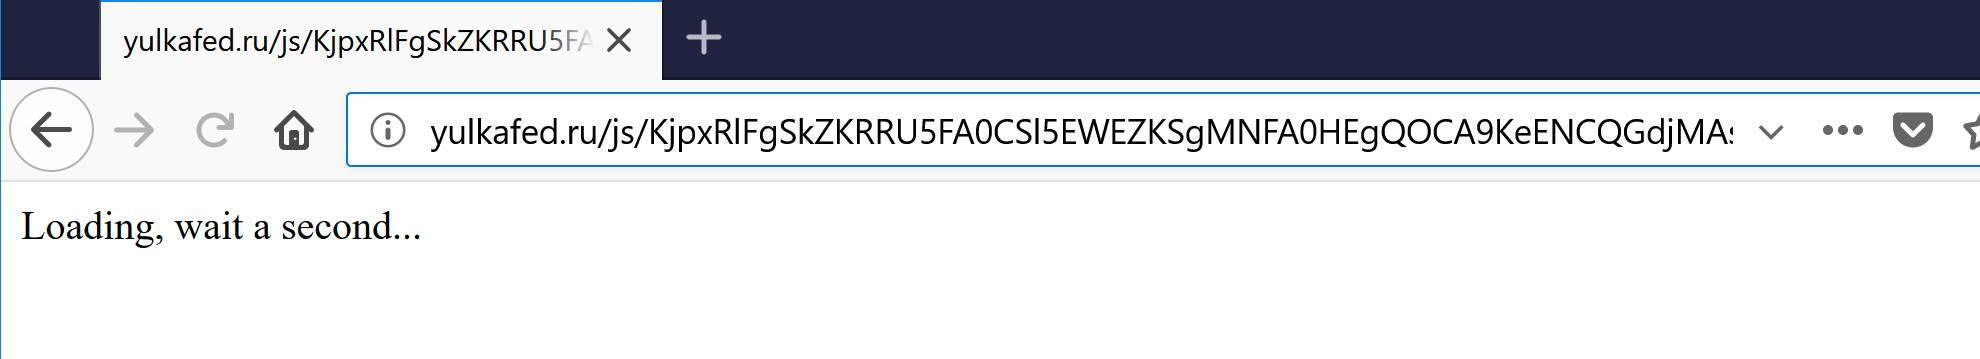 yulkafed.ru redirect virus